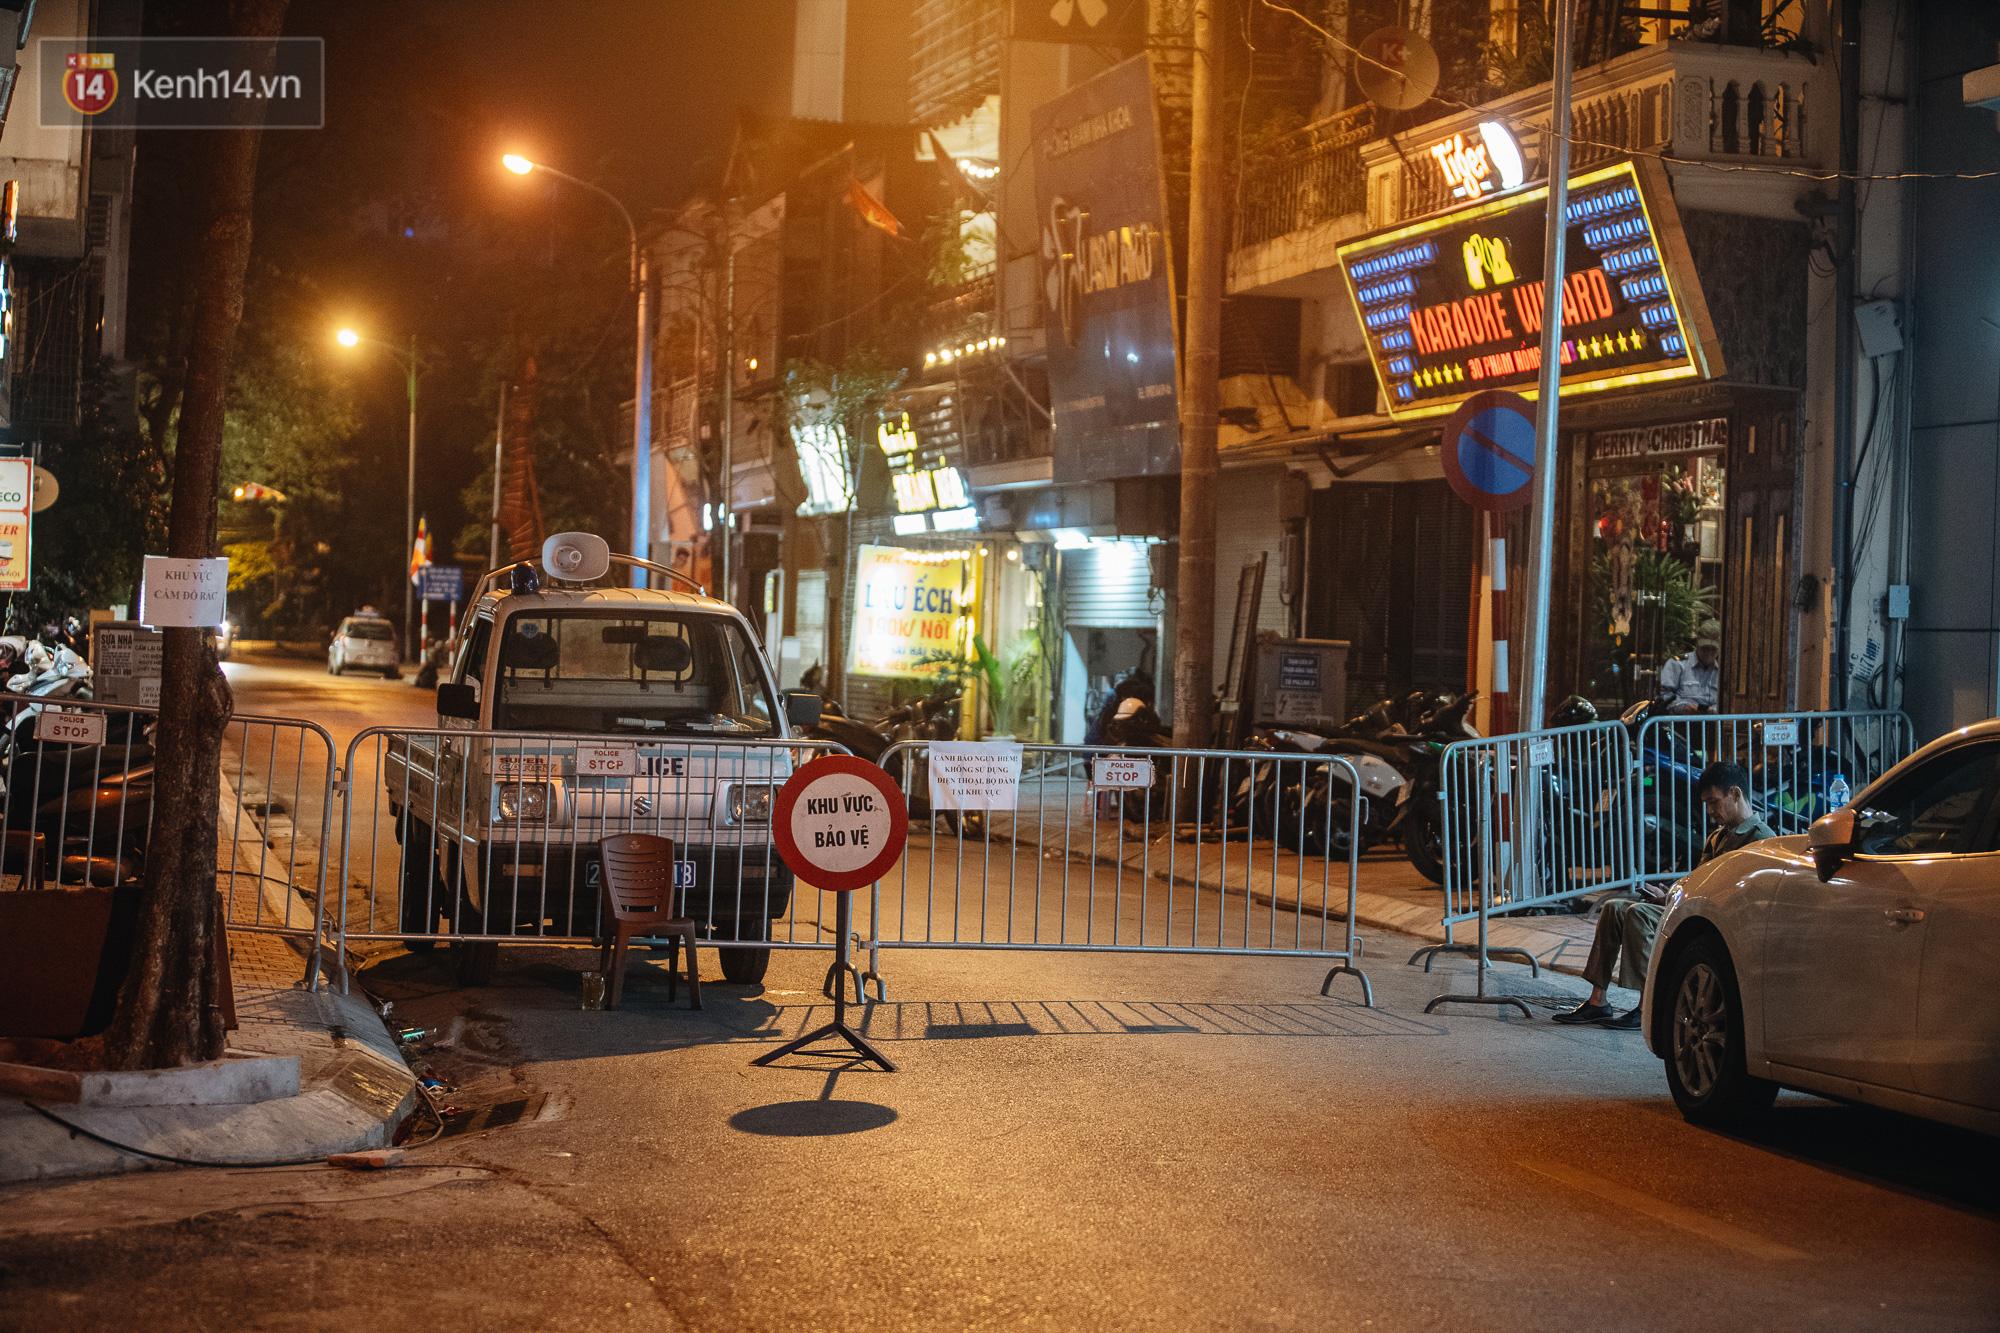 Ảnh: Cận cảnh khu vực phong tỏa nơi phát hiện và di dời thành công quả bom 340kg ở Hà Nội, người dân đã sơ tán trong đêm - Ảnh 3.